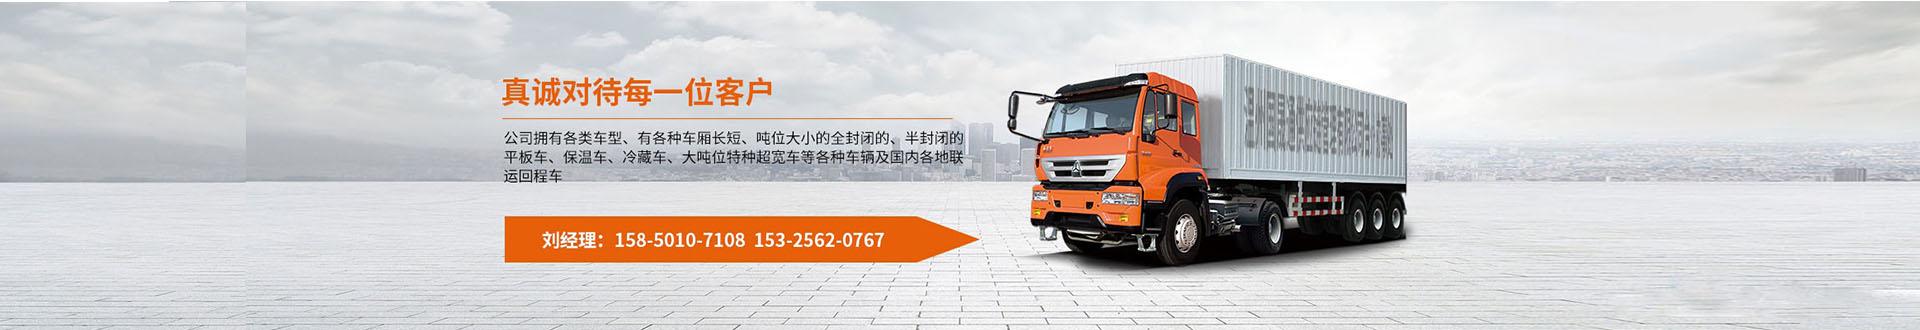 温州国晟通供应链管理有限公司